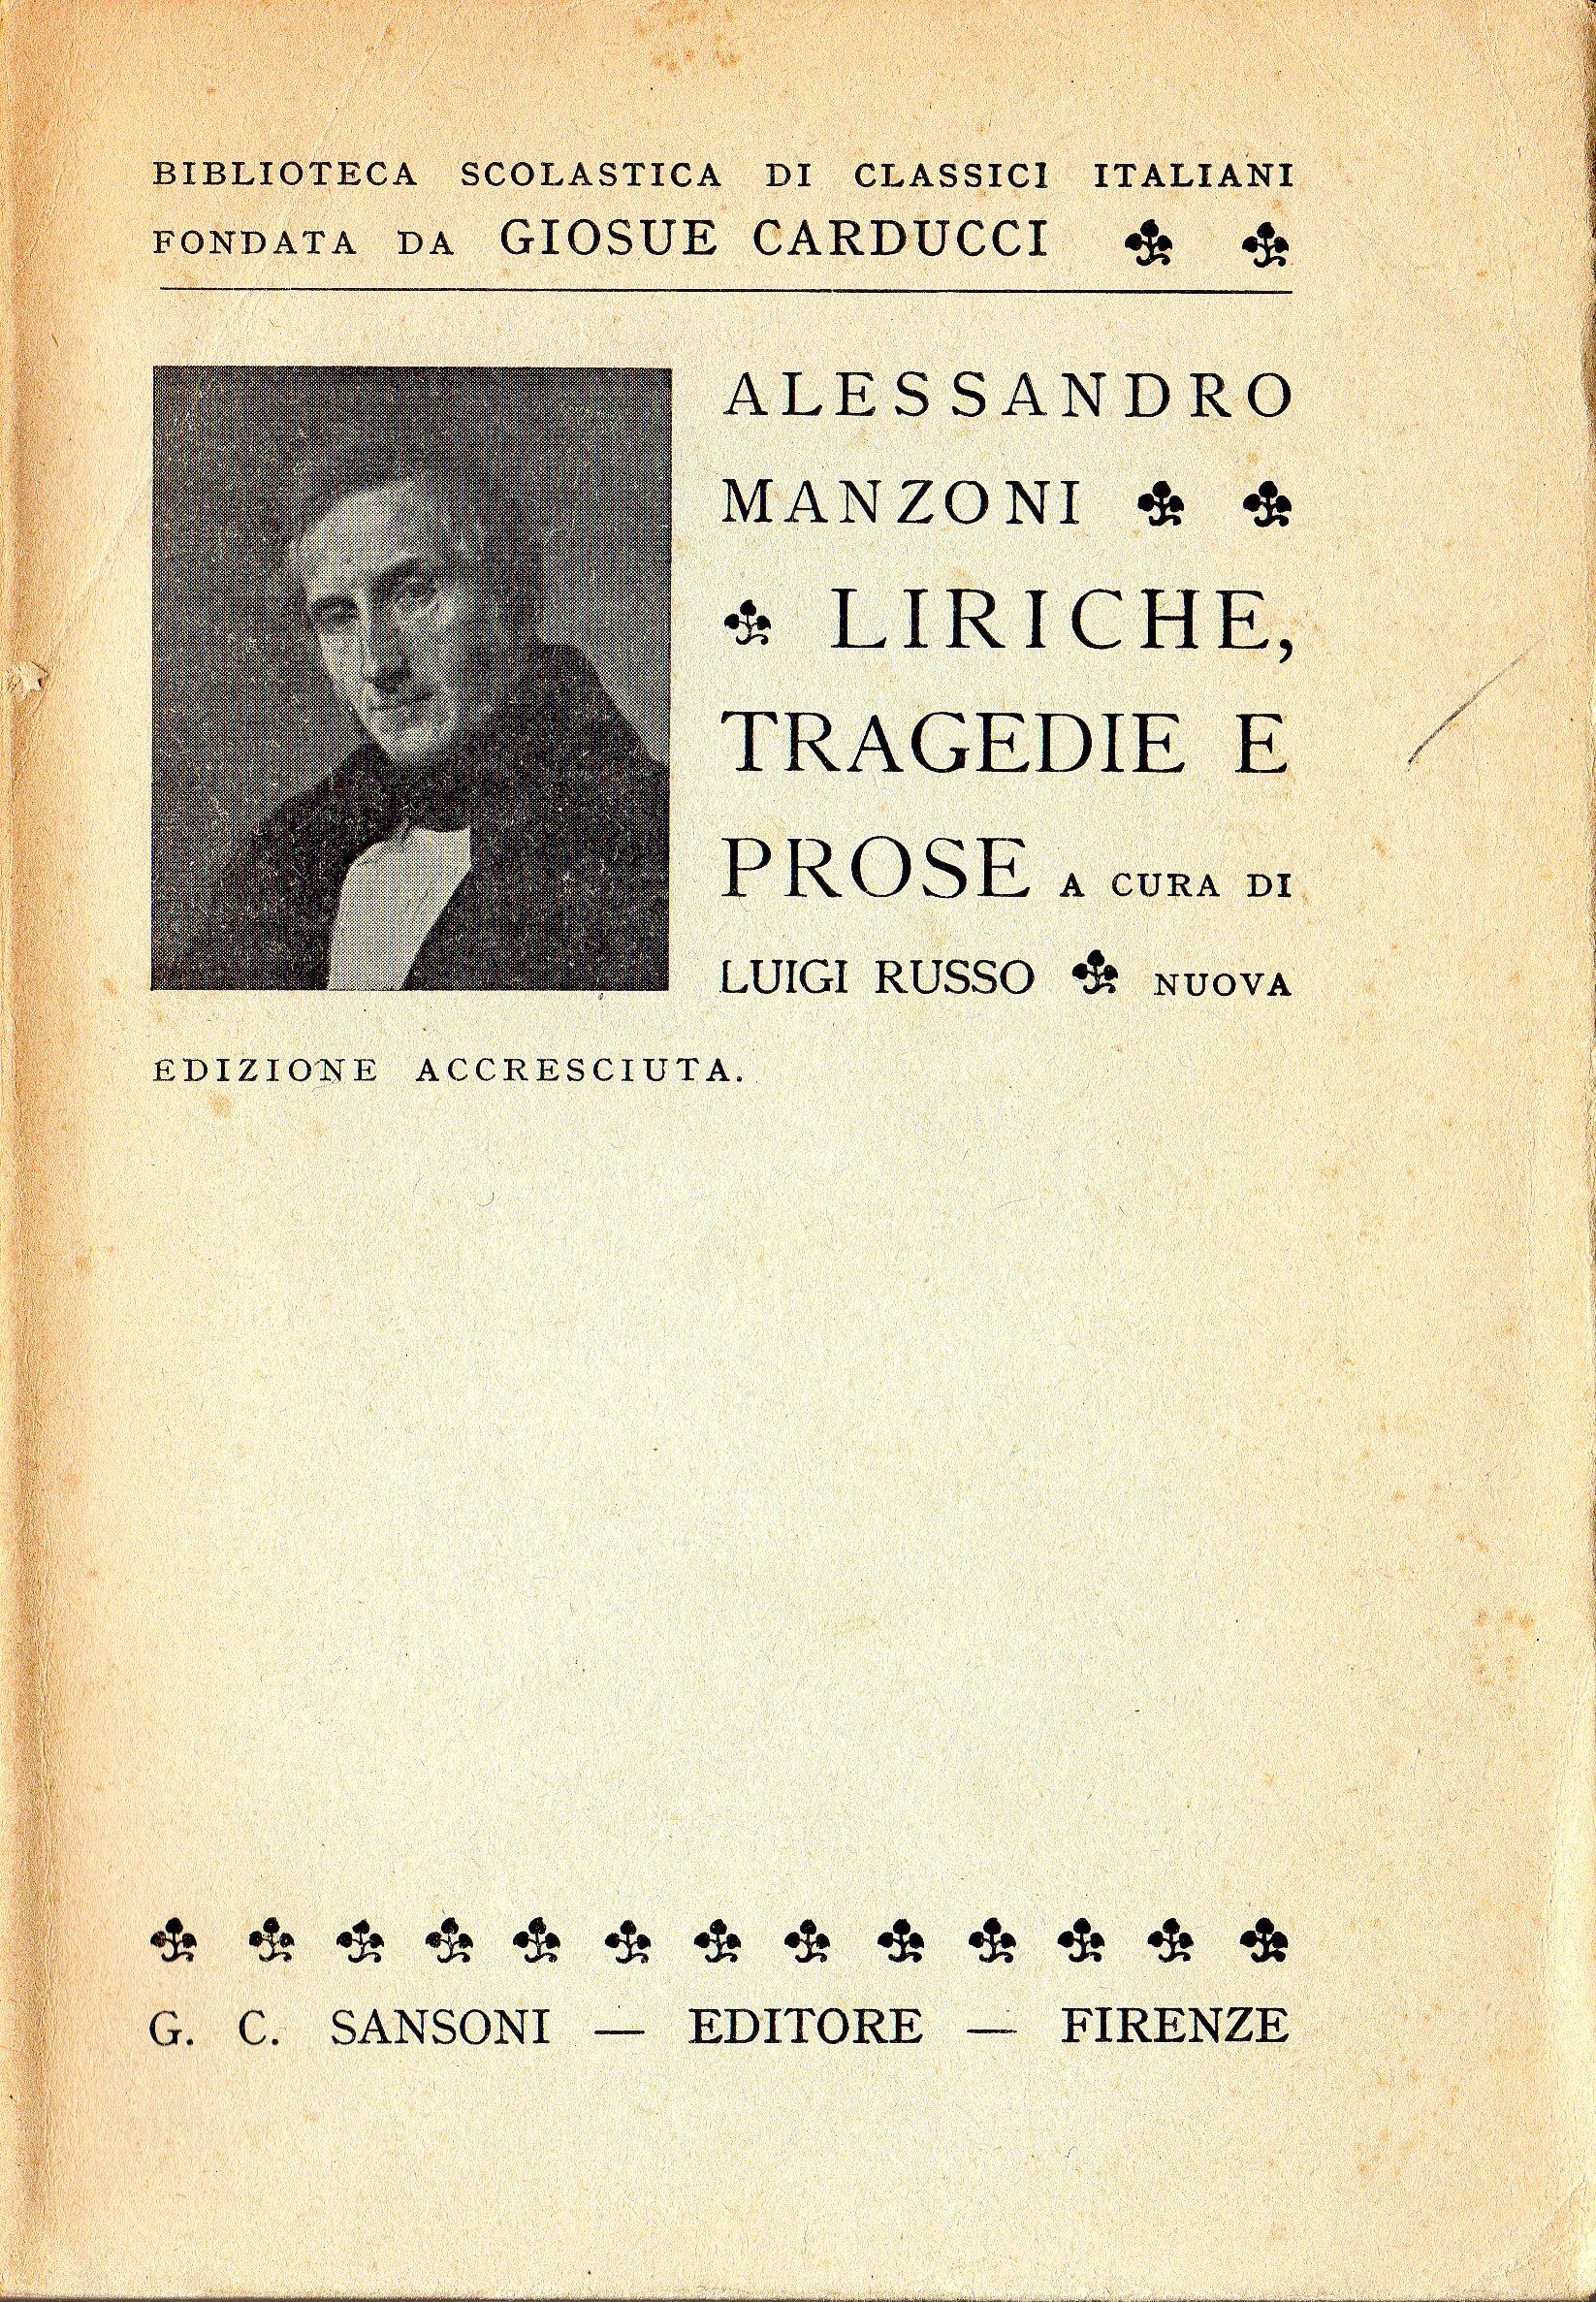 Liriche, tragedie e prose